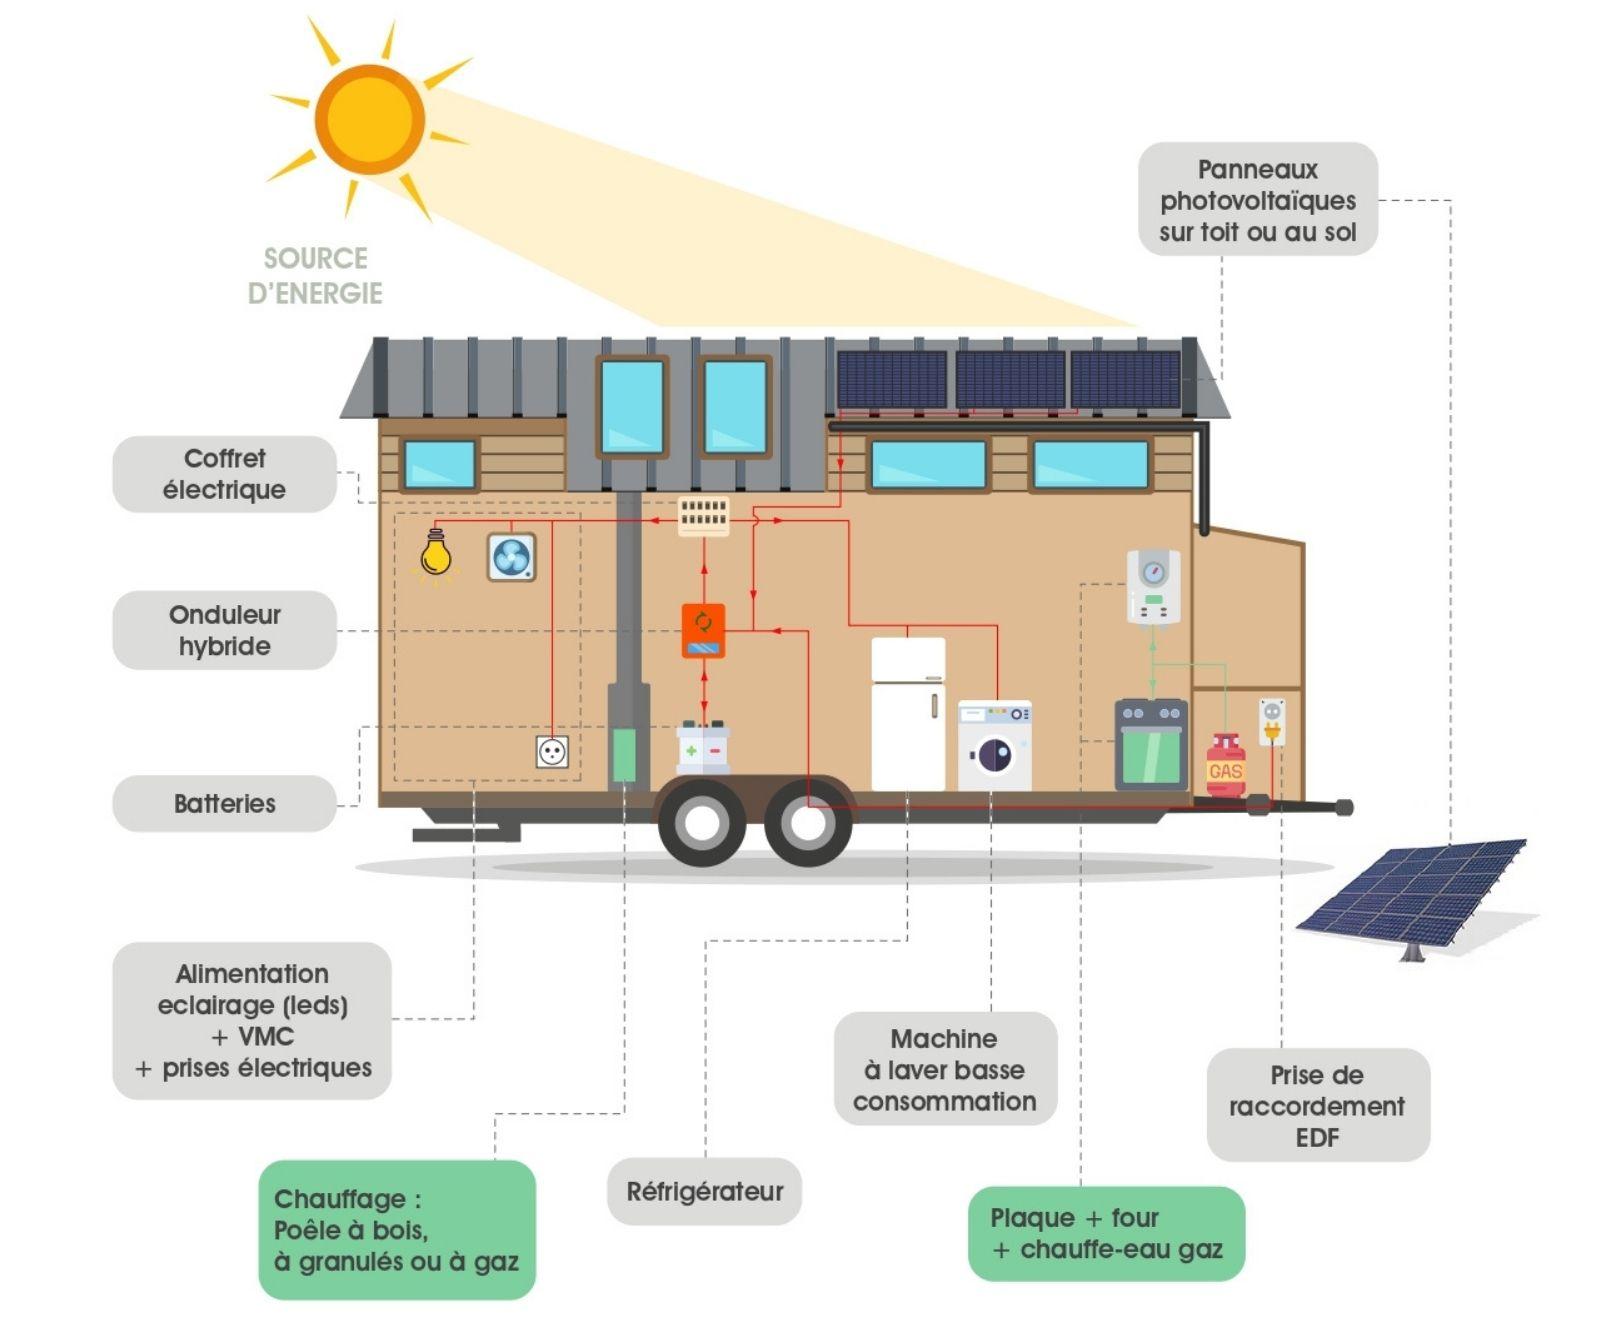 Illustration d'une tiny house autonome en énergie avec panneaux photovoltaïques